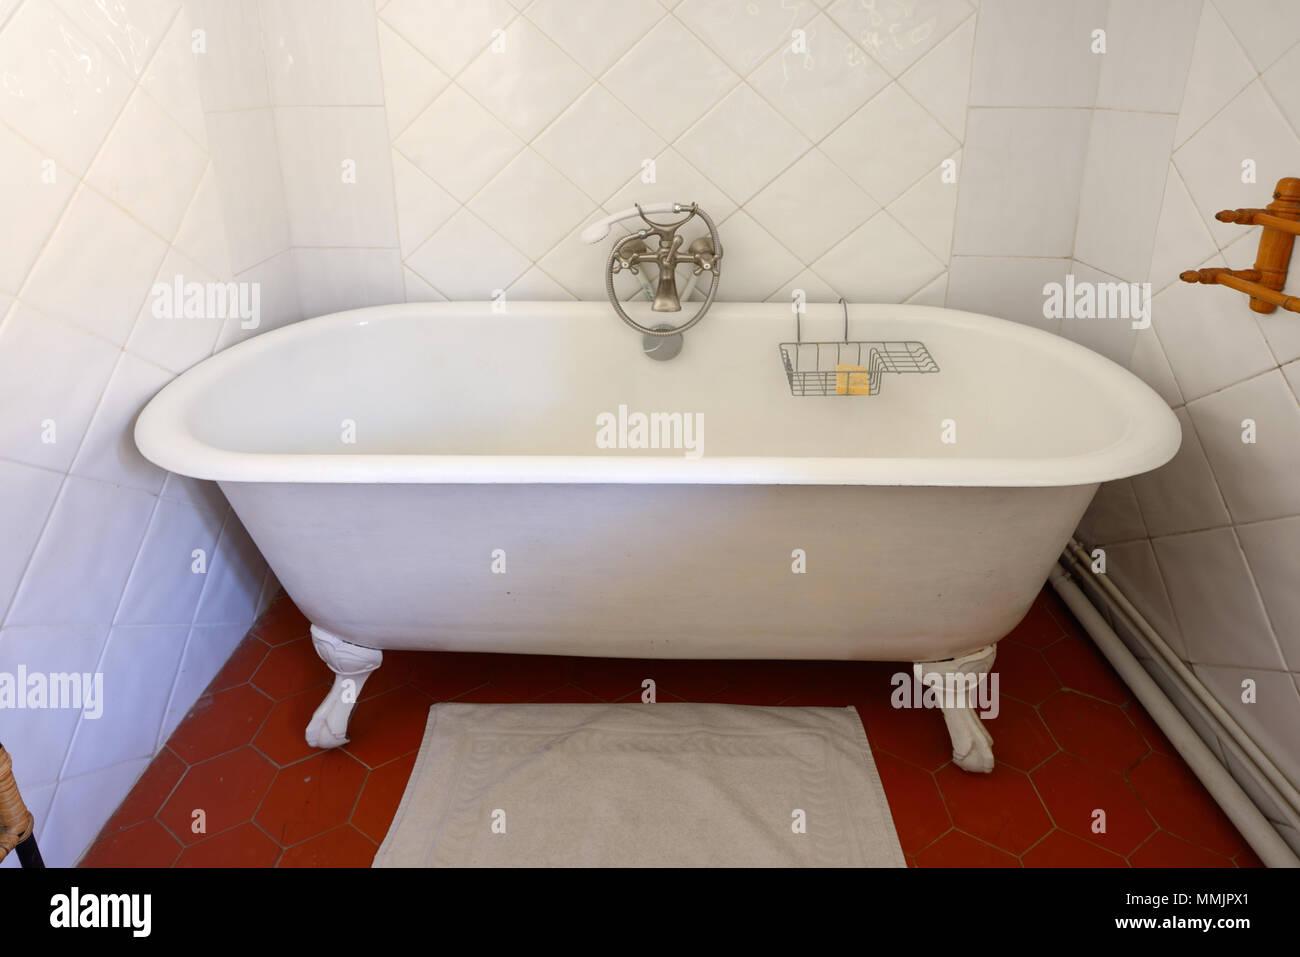 Vasca Da Bagno Old Style : Vasca da bagno di ispirazione retrò